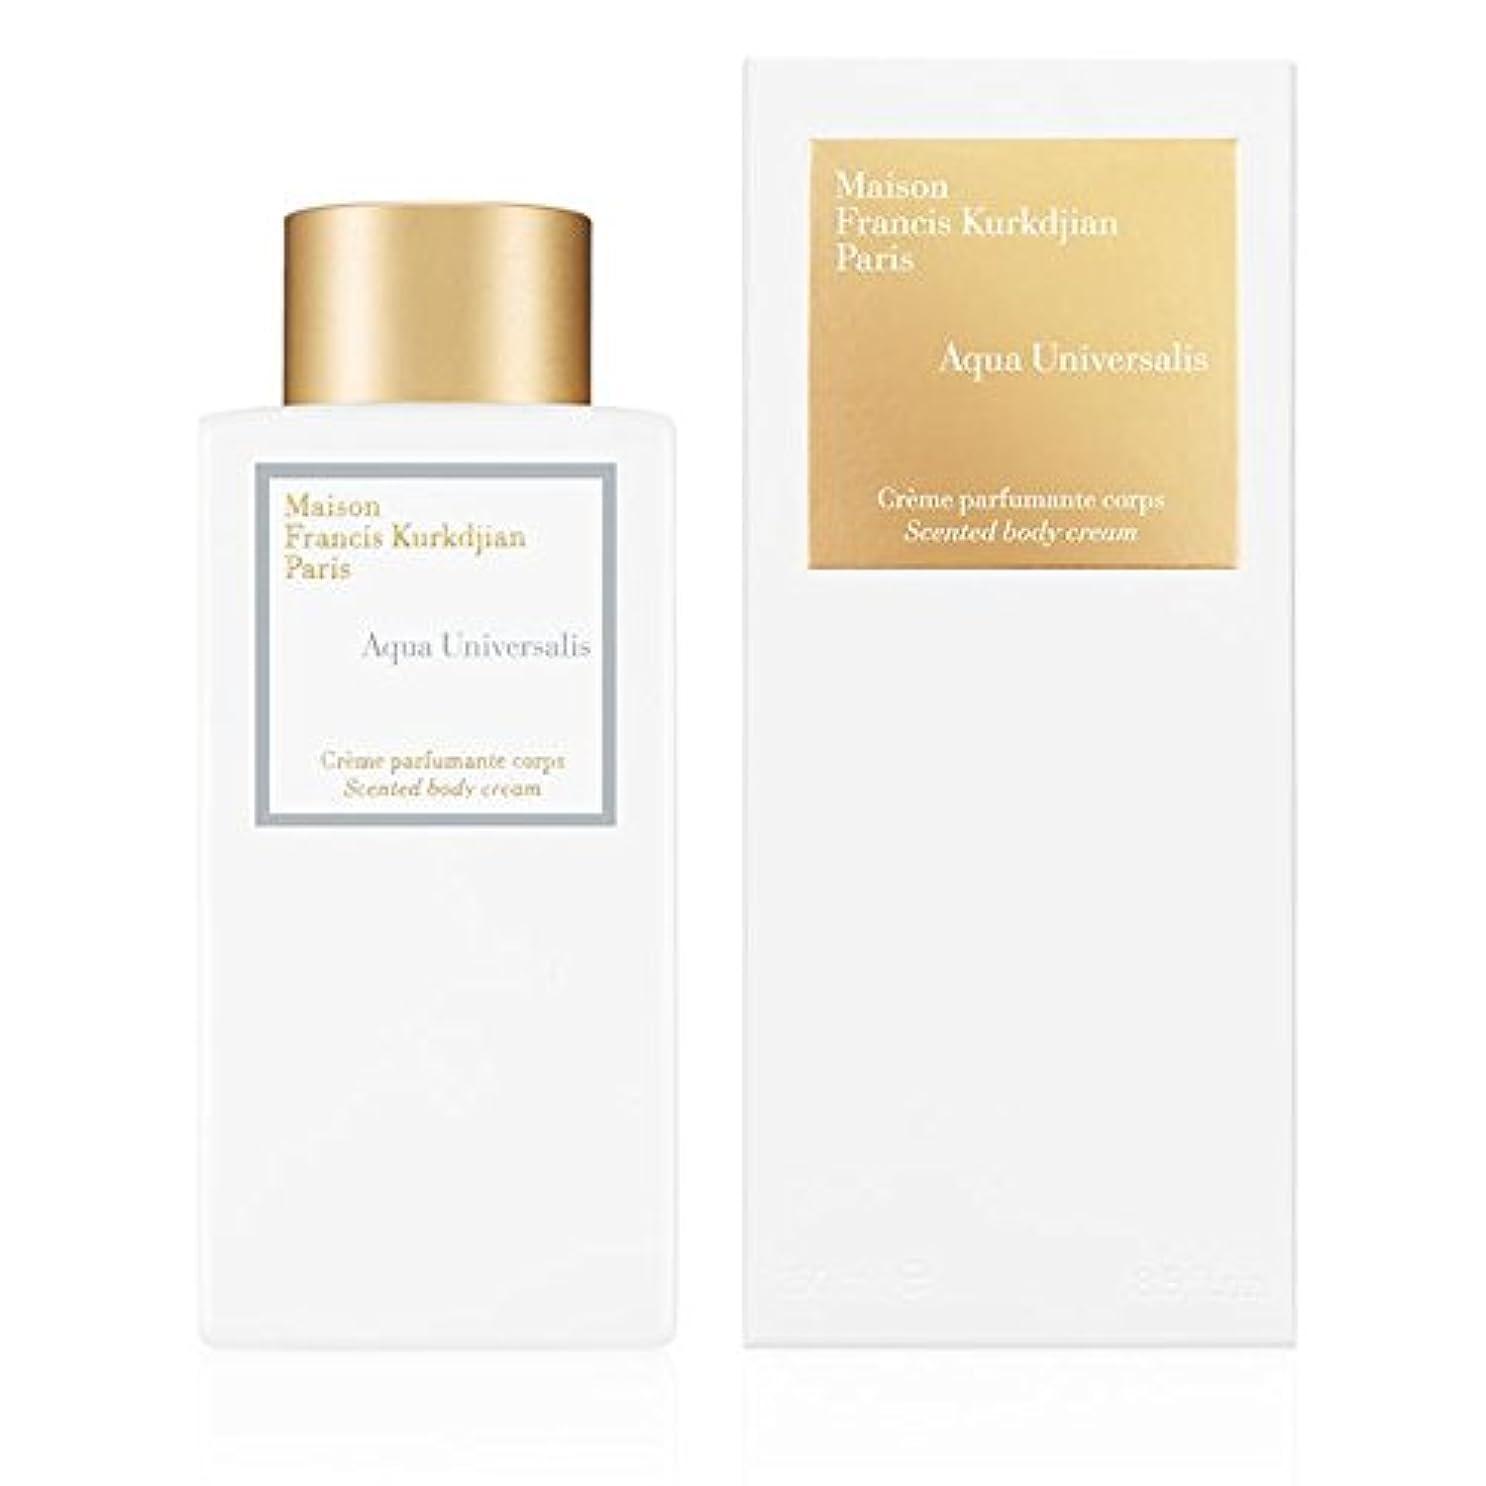 不忠リクルート接続メゾン フランシス クルジャン アクア ユニヴェルサリス センテッド ボディー クリーム 250ml(Maison Francis Kurkdjian Aqua Universalis Scented Body Cream...